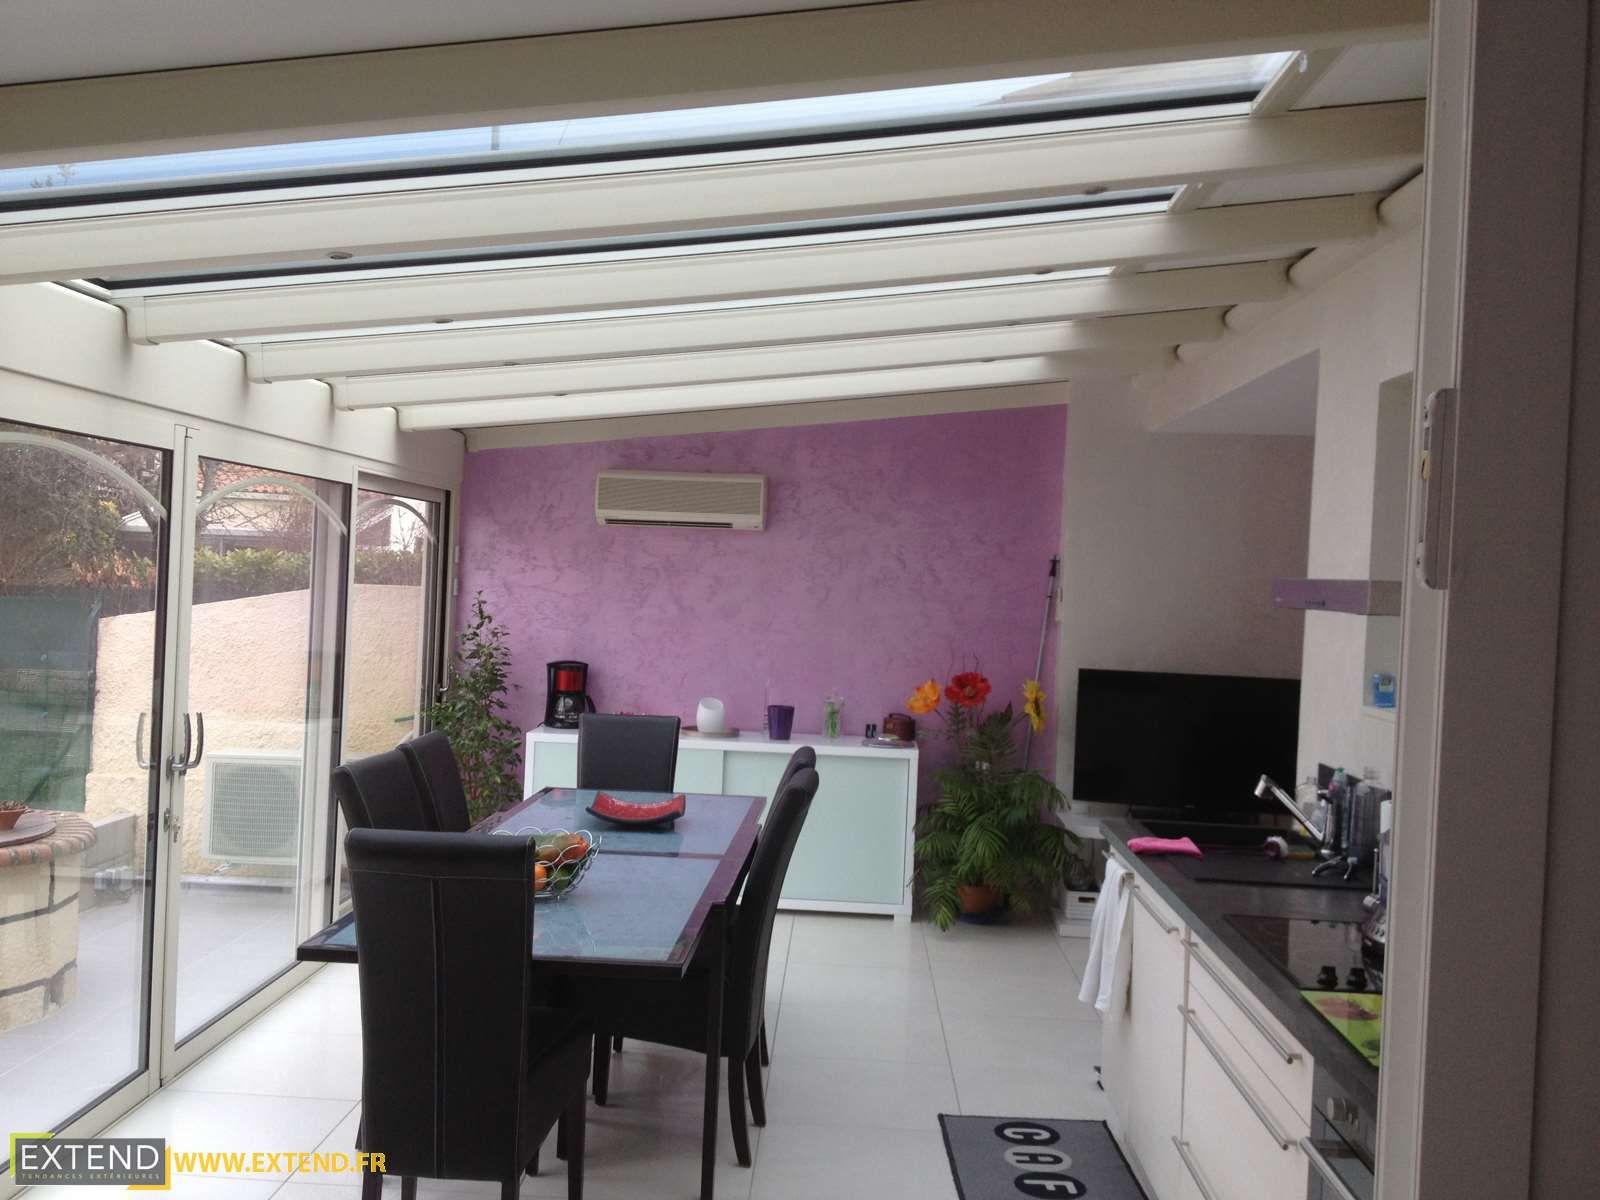 Veranda Extension Salle A Manger Avec Puit De Lumiere Realise Par Extend Extend Albi Extension Veranda Tarn 81 Amenagement Veranda Veranda Maison